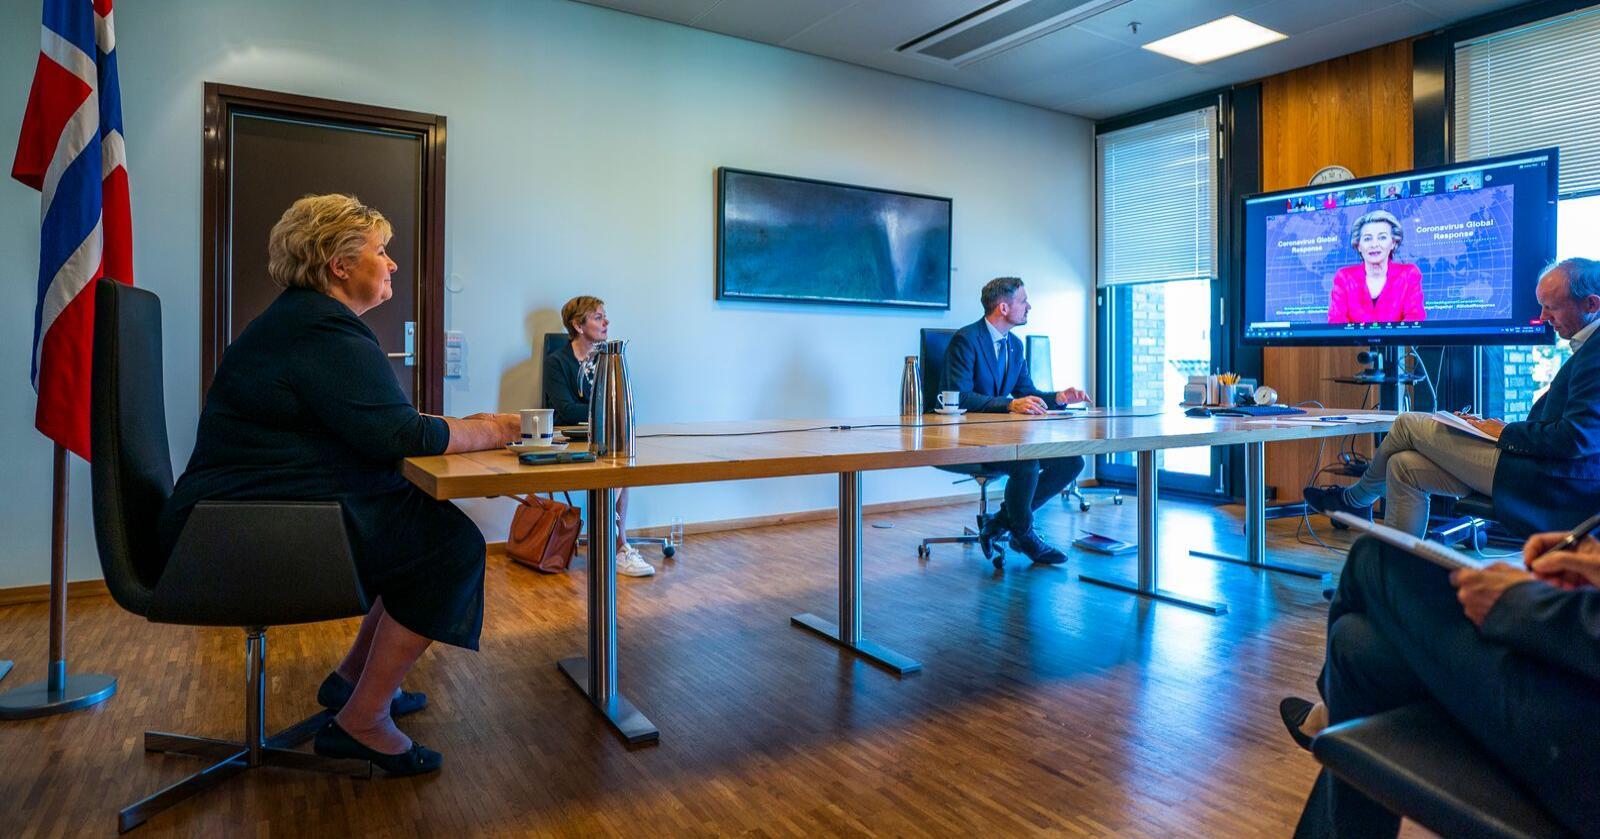 Det er stor skepsis mot EØS-avtalen, viser en ny undersøkelse. Her er statsminister Erna Solberg (H) og utviklingsminister Dag Inge Ulstein (KrF) i et digitalt møte med Europakommisjonens president, Ursula von der Leyen, tidligere i år. Foto: Håkon Mosvold Larsen / NTB